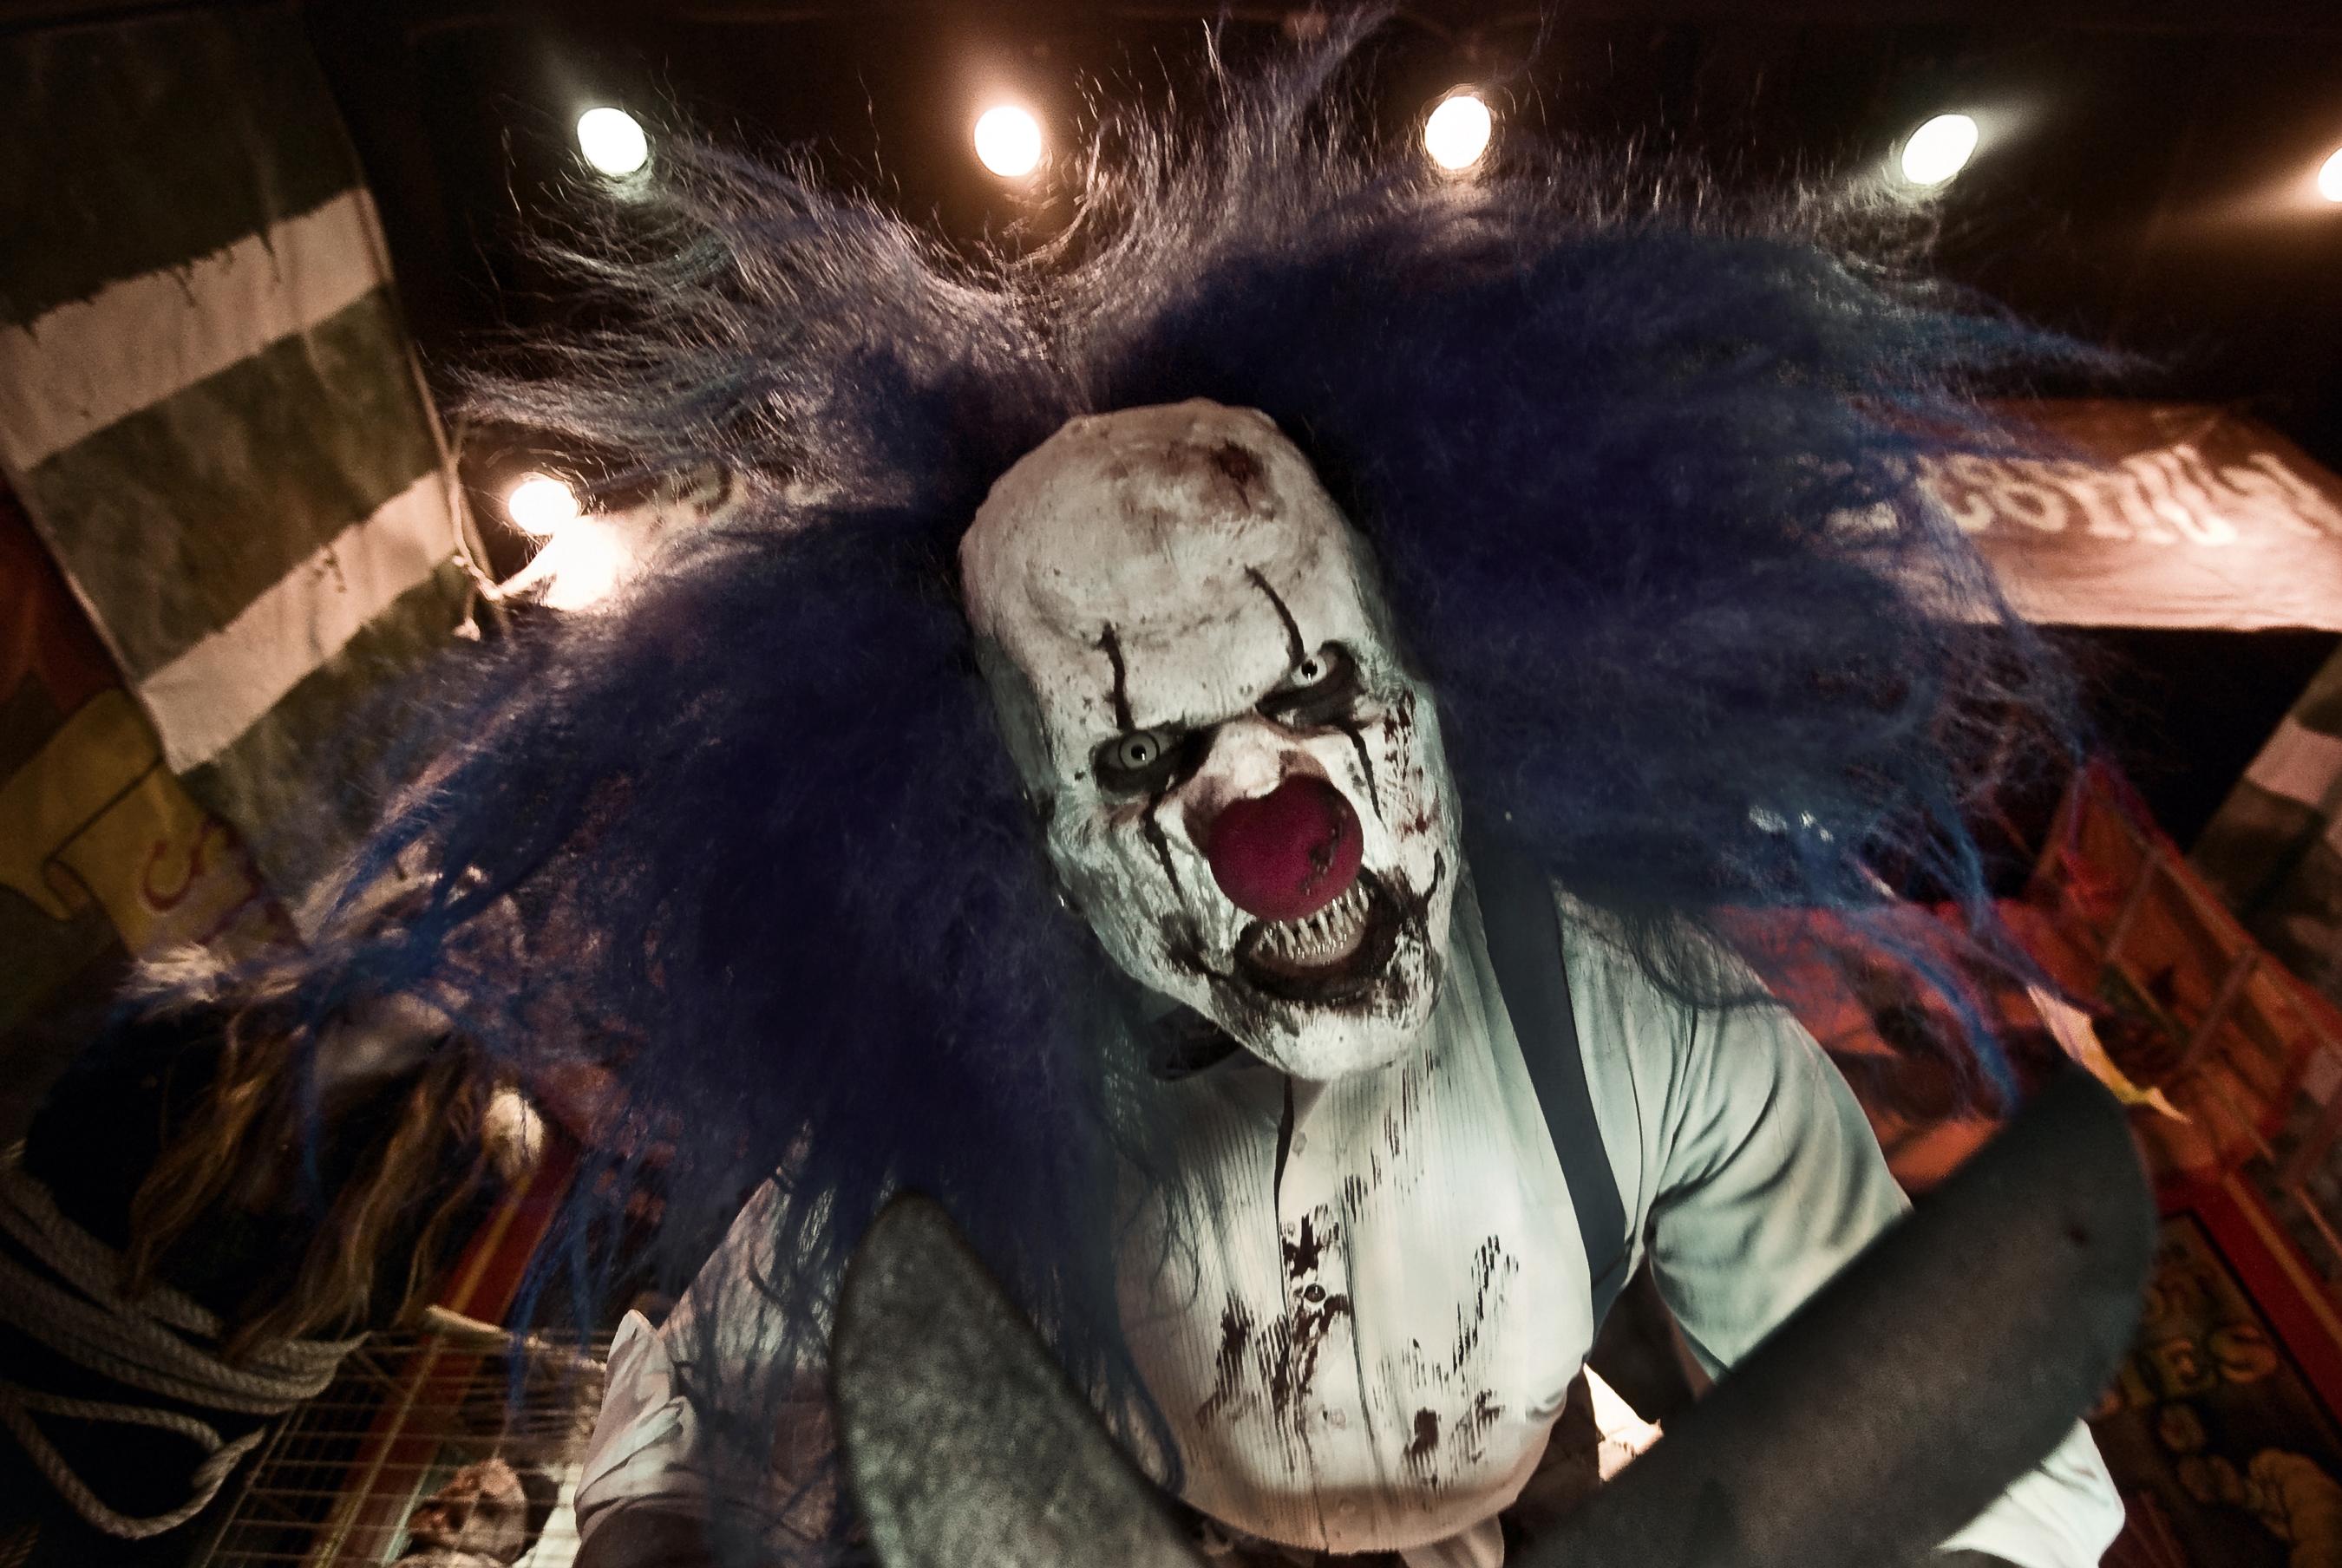 haunted house, chainsaw, clown, Headless Horseman